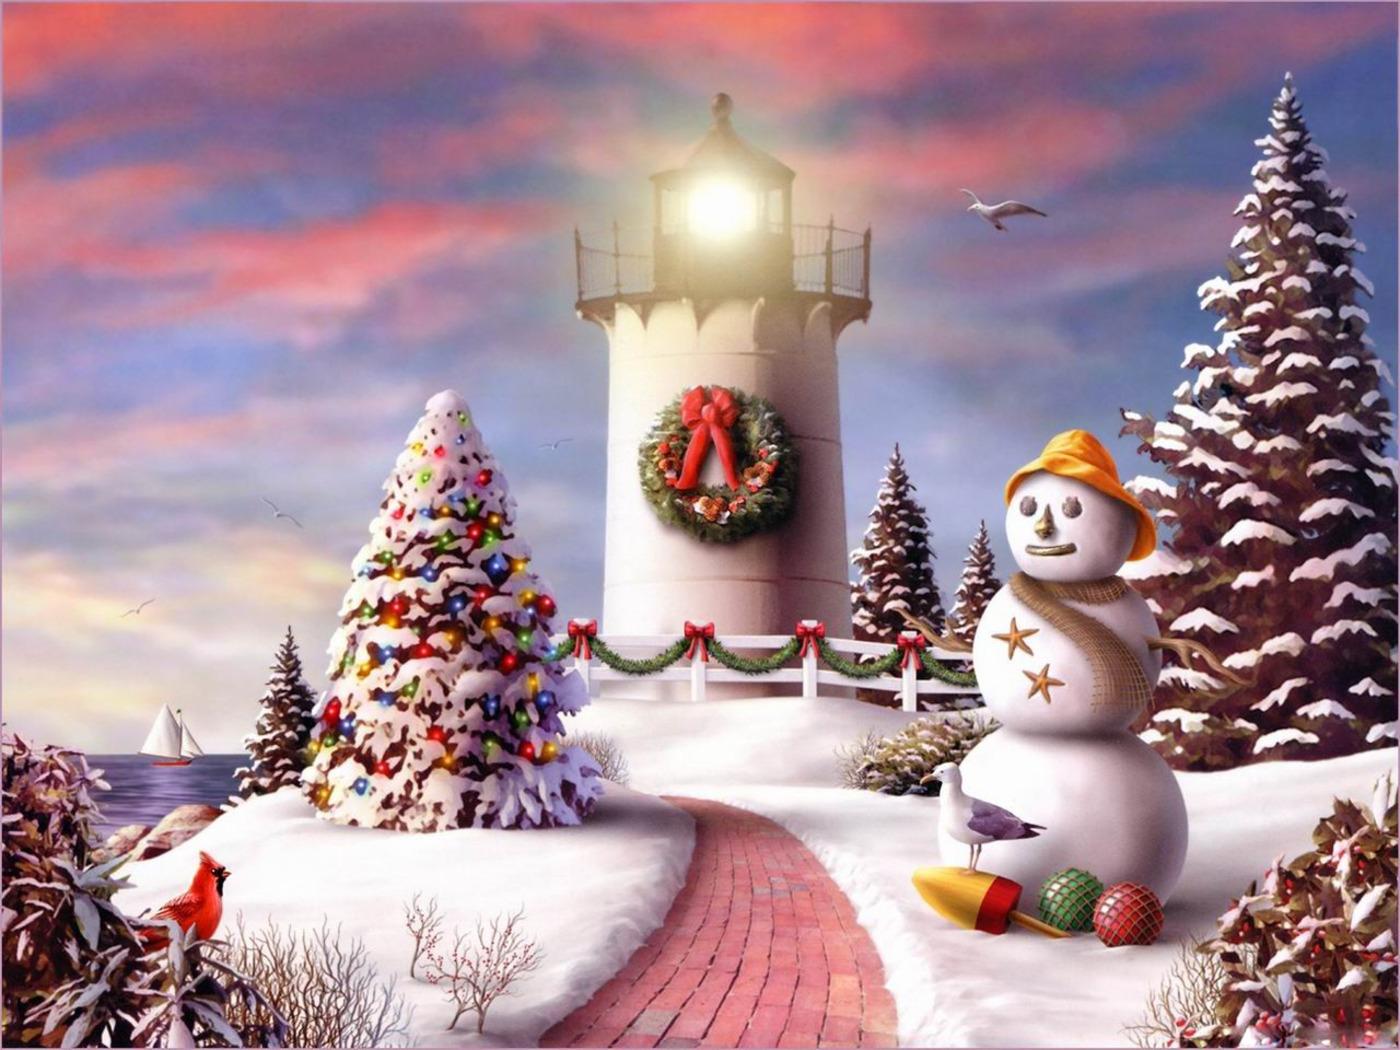 Free Desktop Christmas Wallpapers Wallpapersafari